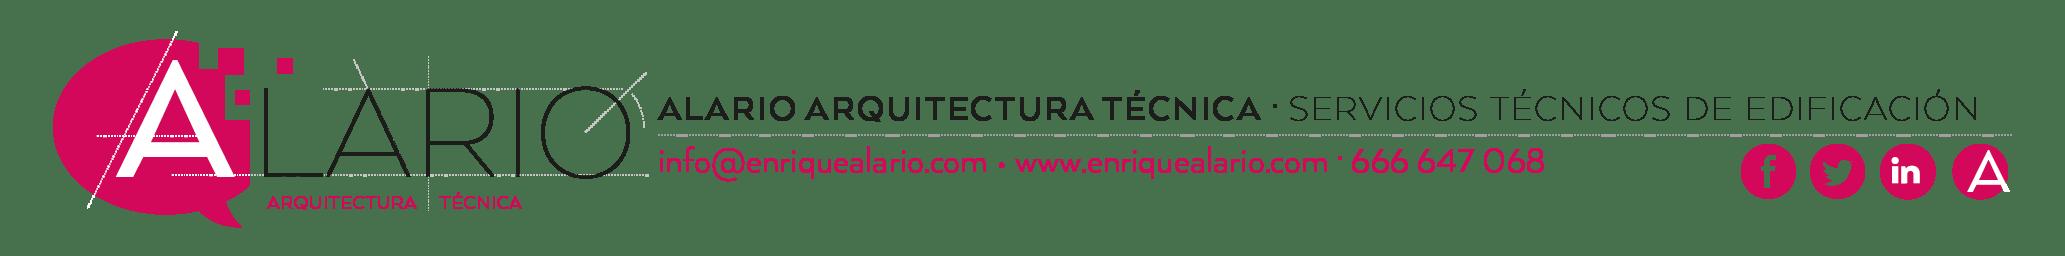 Seguimiento de la construcci n de vivienda unifamiliar en - Arquitecto tecnico valencia ...